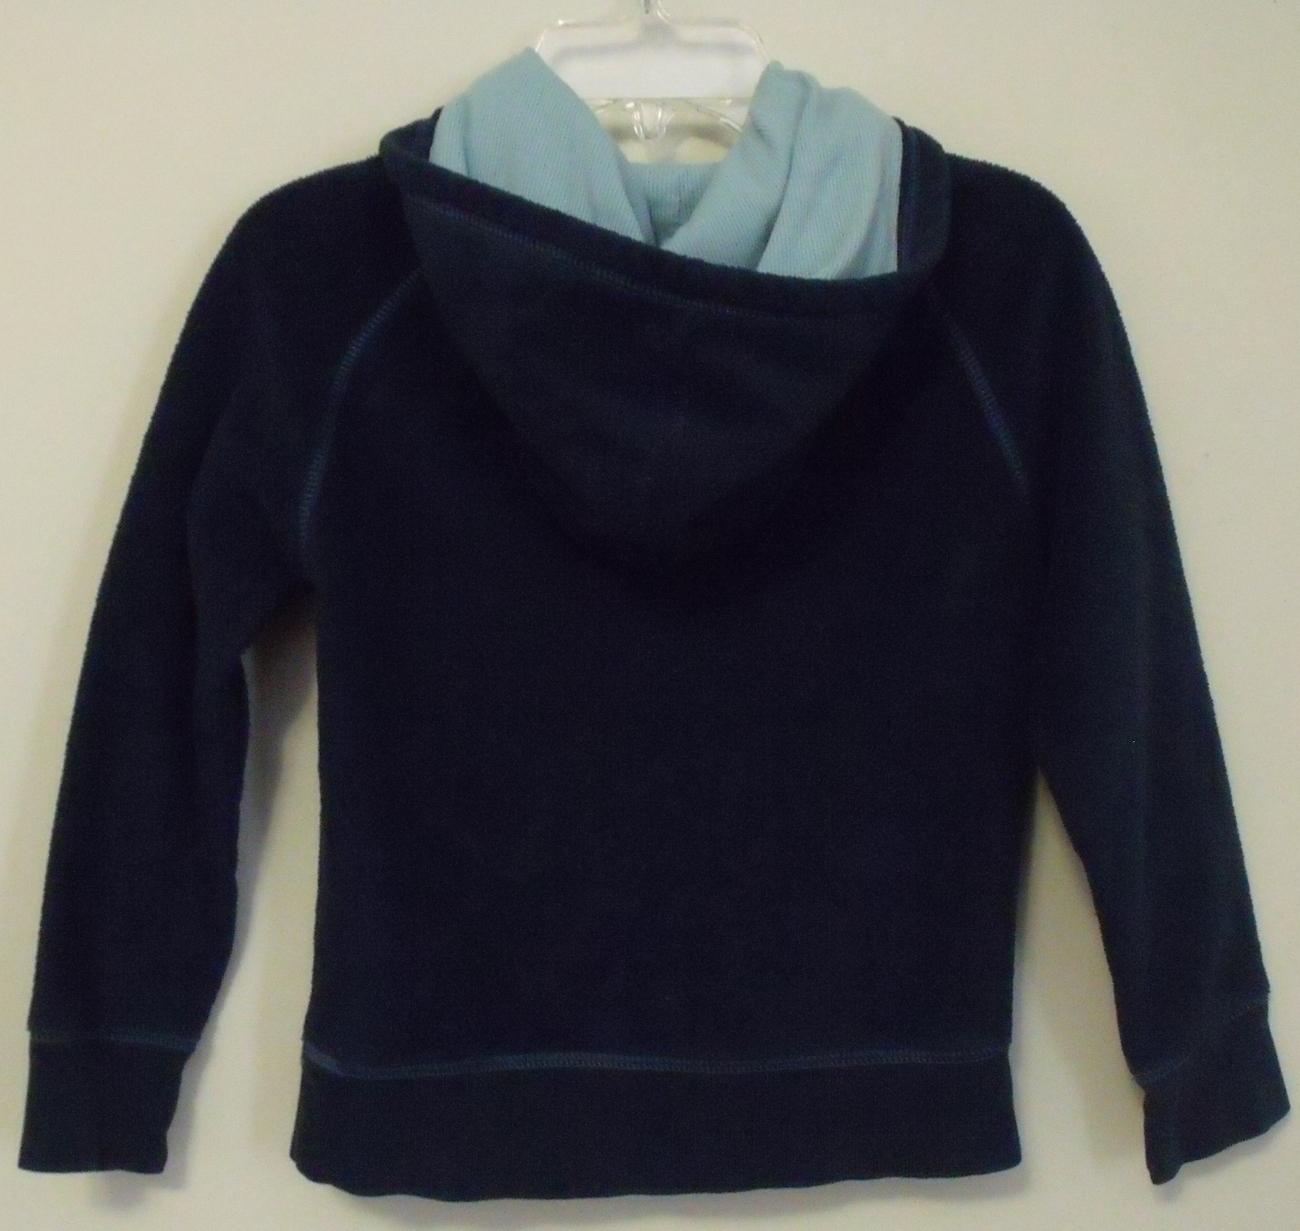 Girls Gap Girl Navy Blue Fleece Hooded Long Sleeve Sweatshirt Size Small 6 to 7  image 5